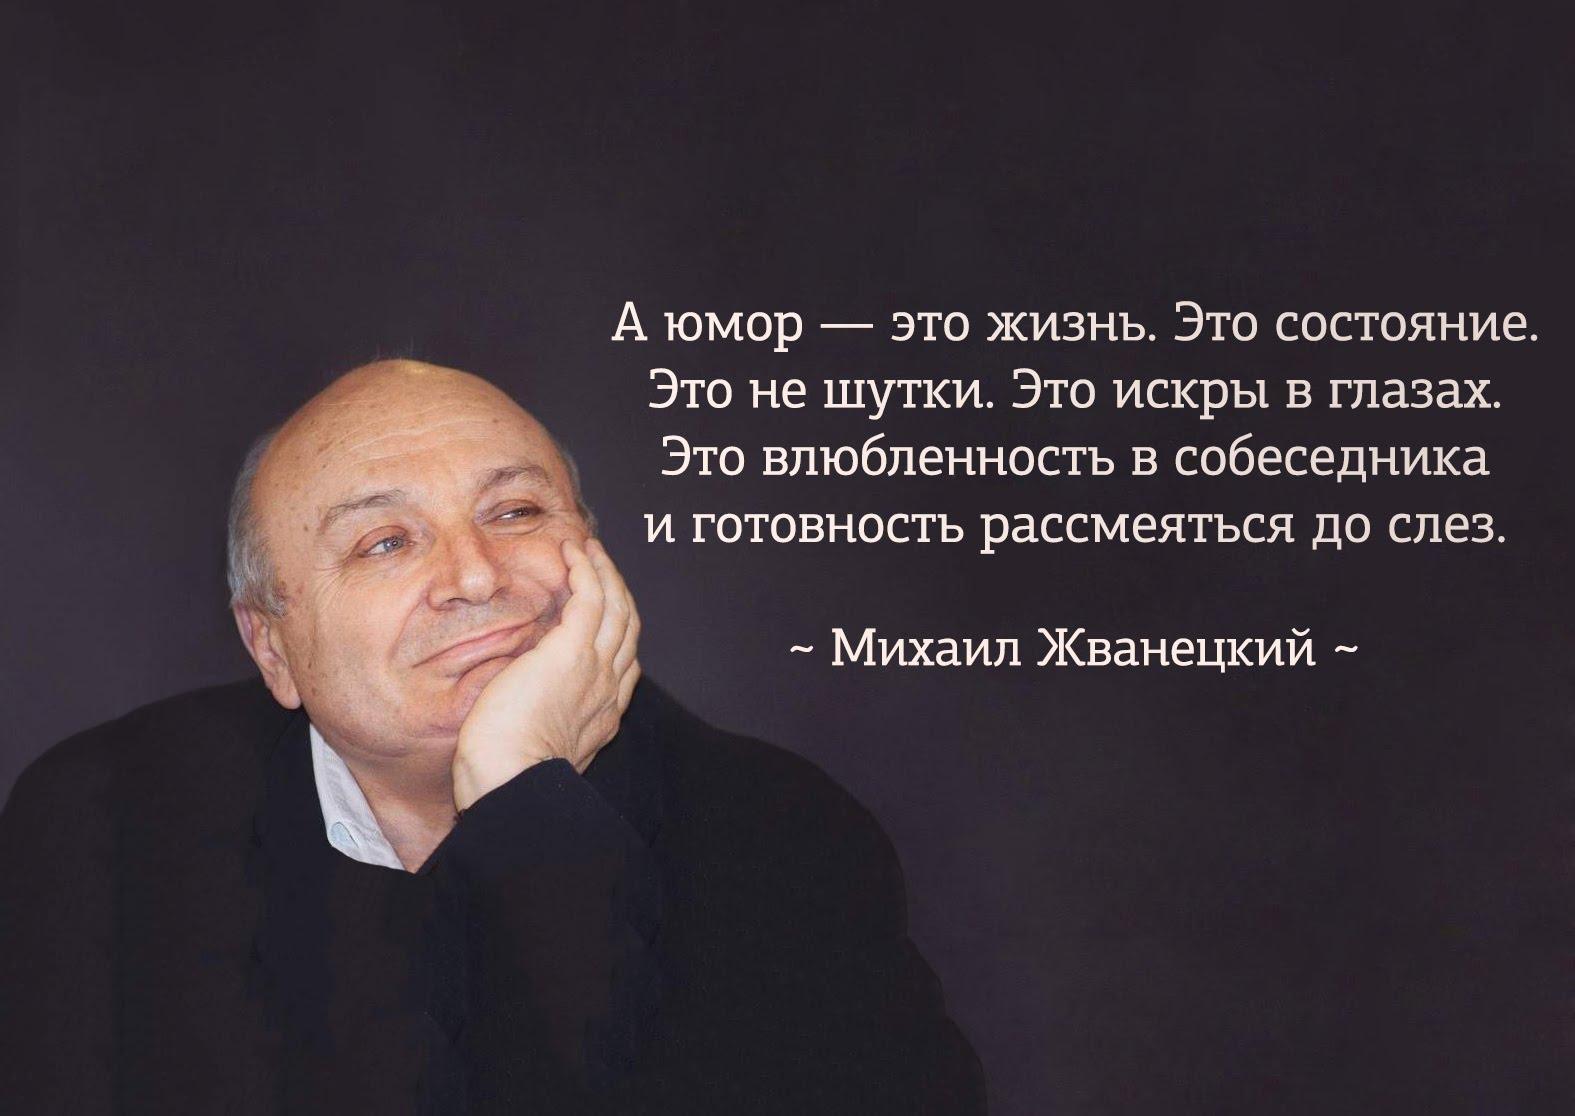 Михаил Жванецкий, действующий капитан затопленной «Баржи» - TicketHunt